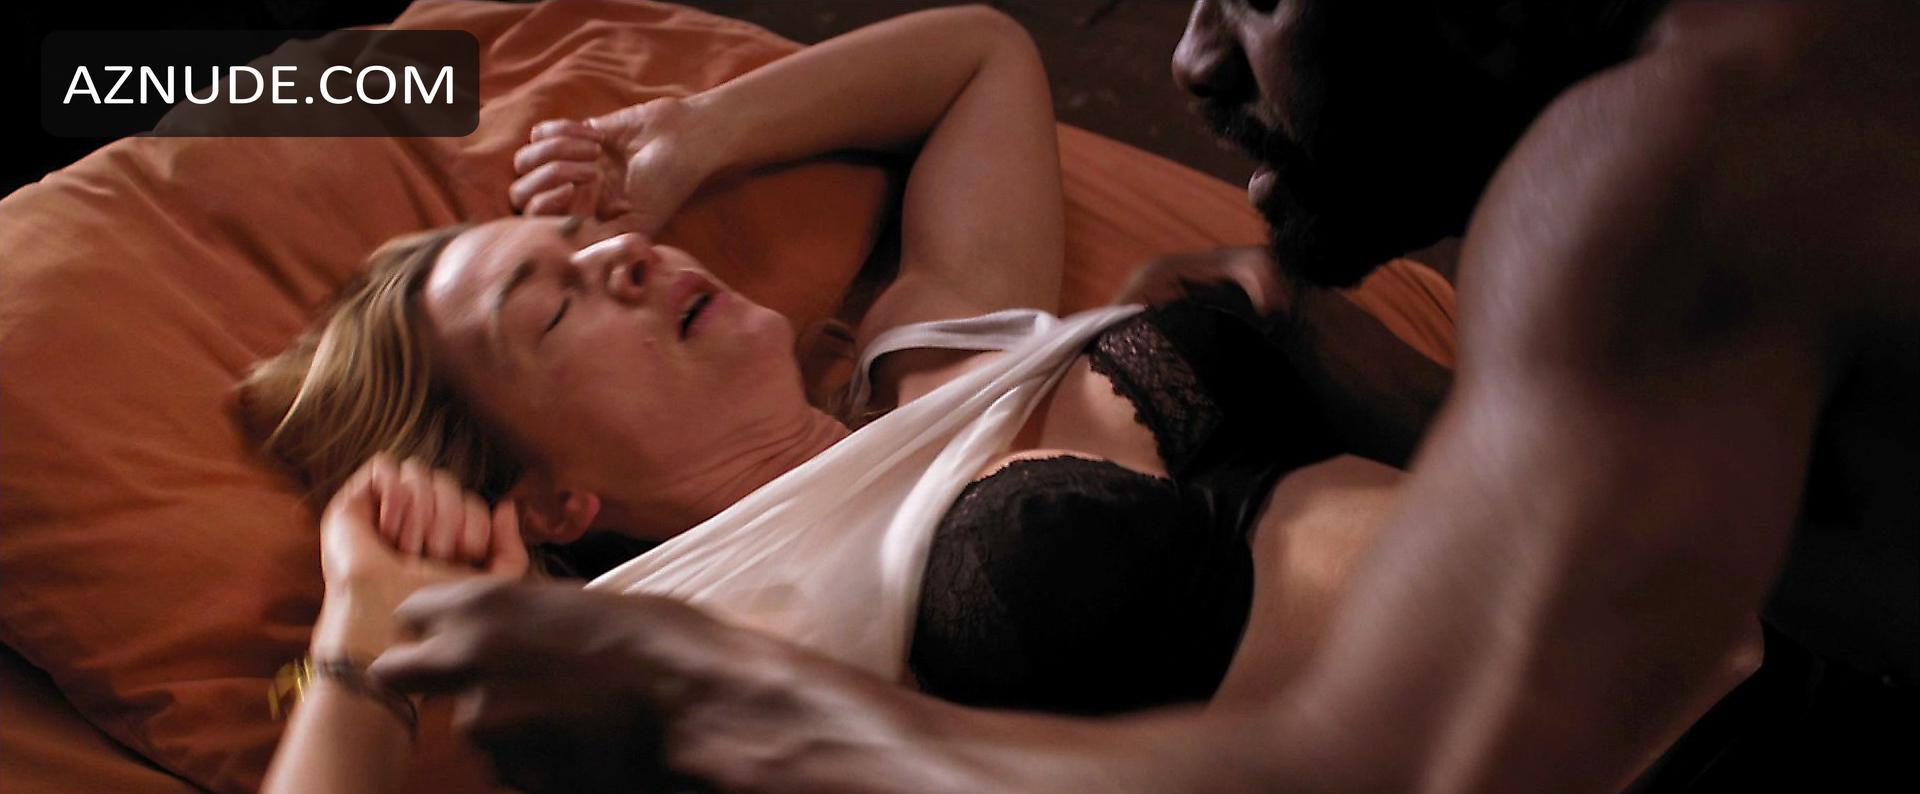 Kate winslet lesbian scene-8763